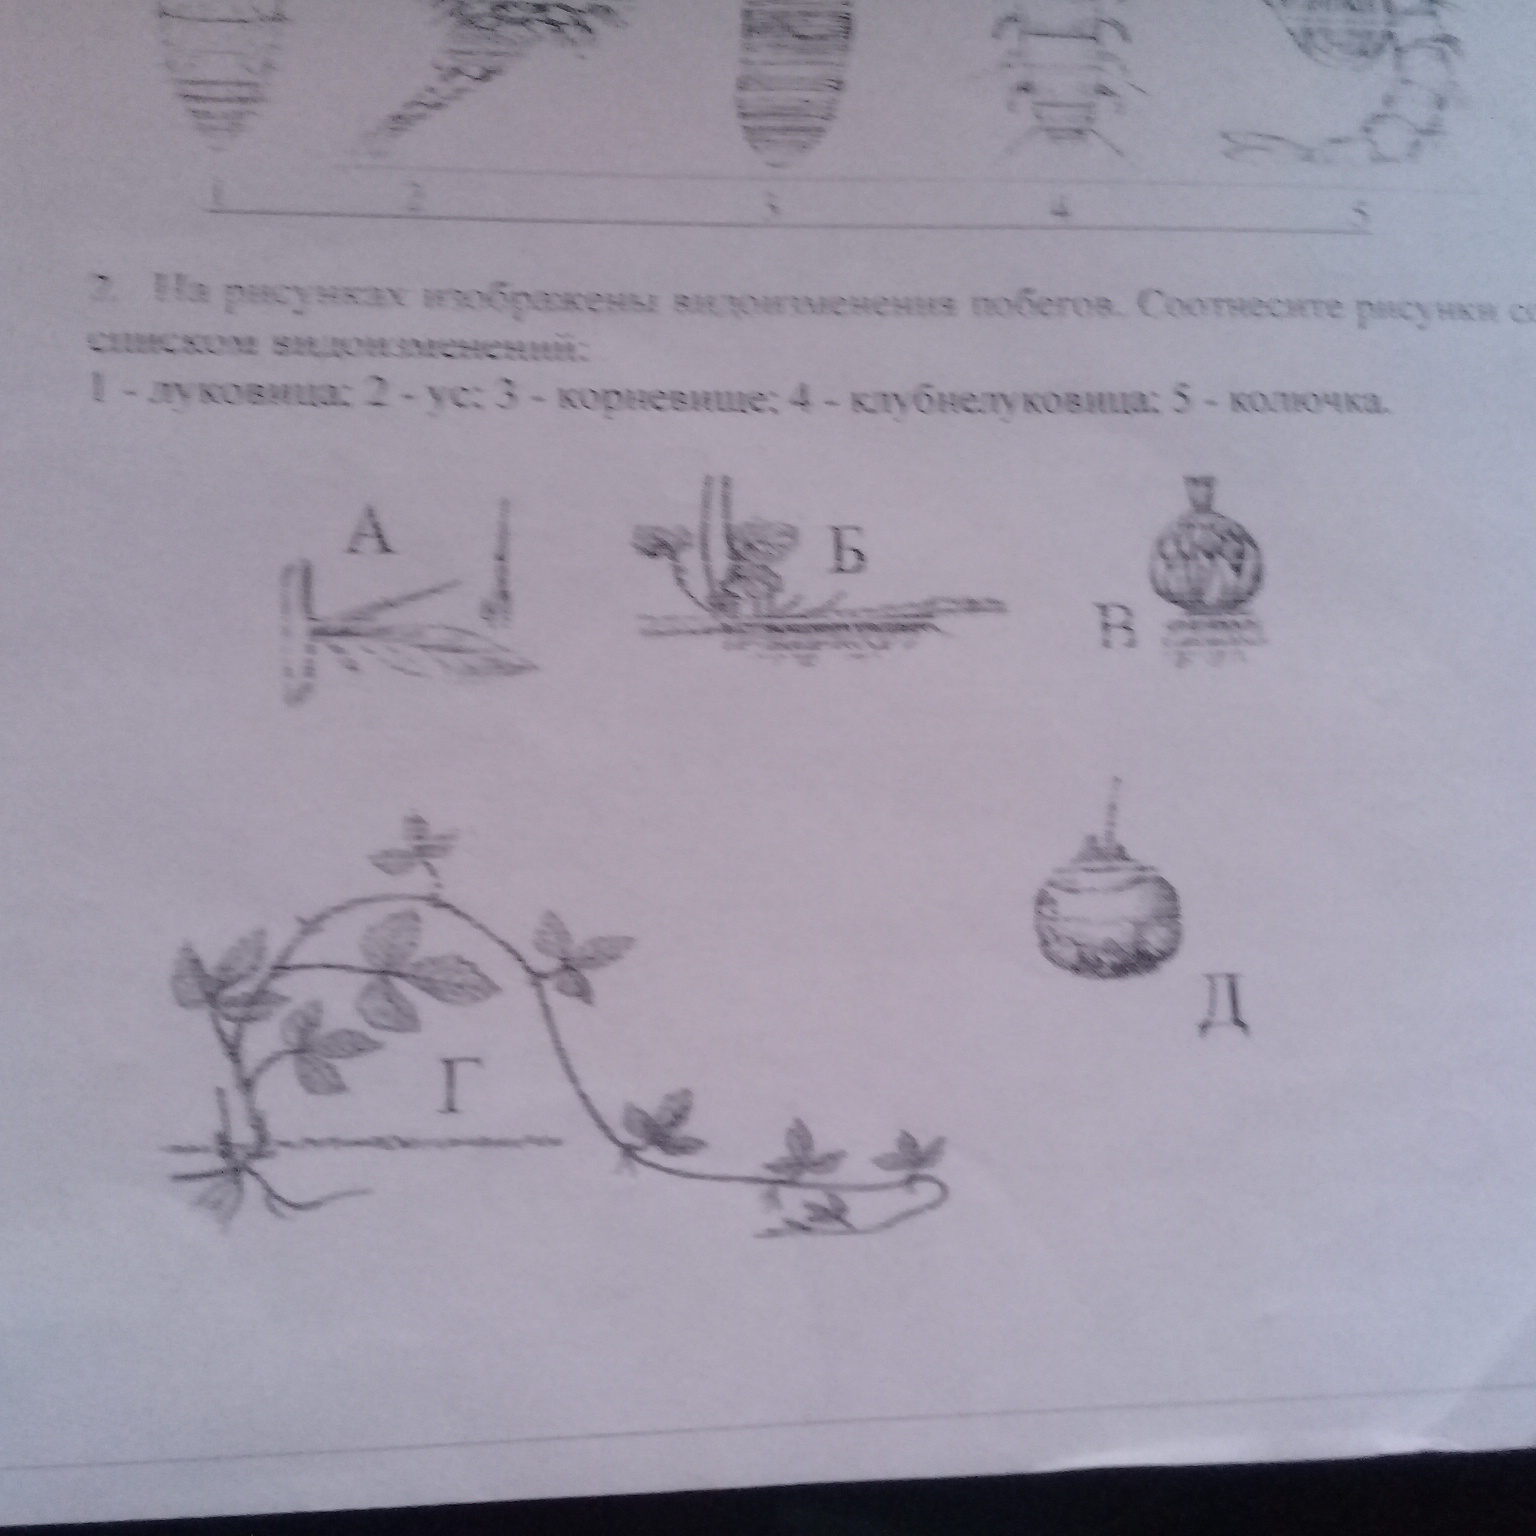 На рисунке изображены видоизменения побегов соотнесите рисунки со списком видоизменений 1 луковица 2 ус 3 корневище  4 клубнелуковица 5 колючка